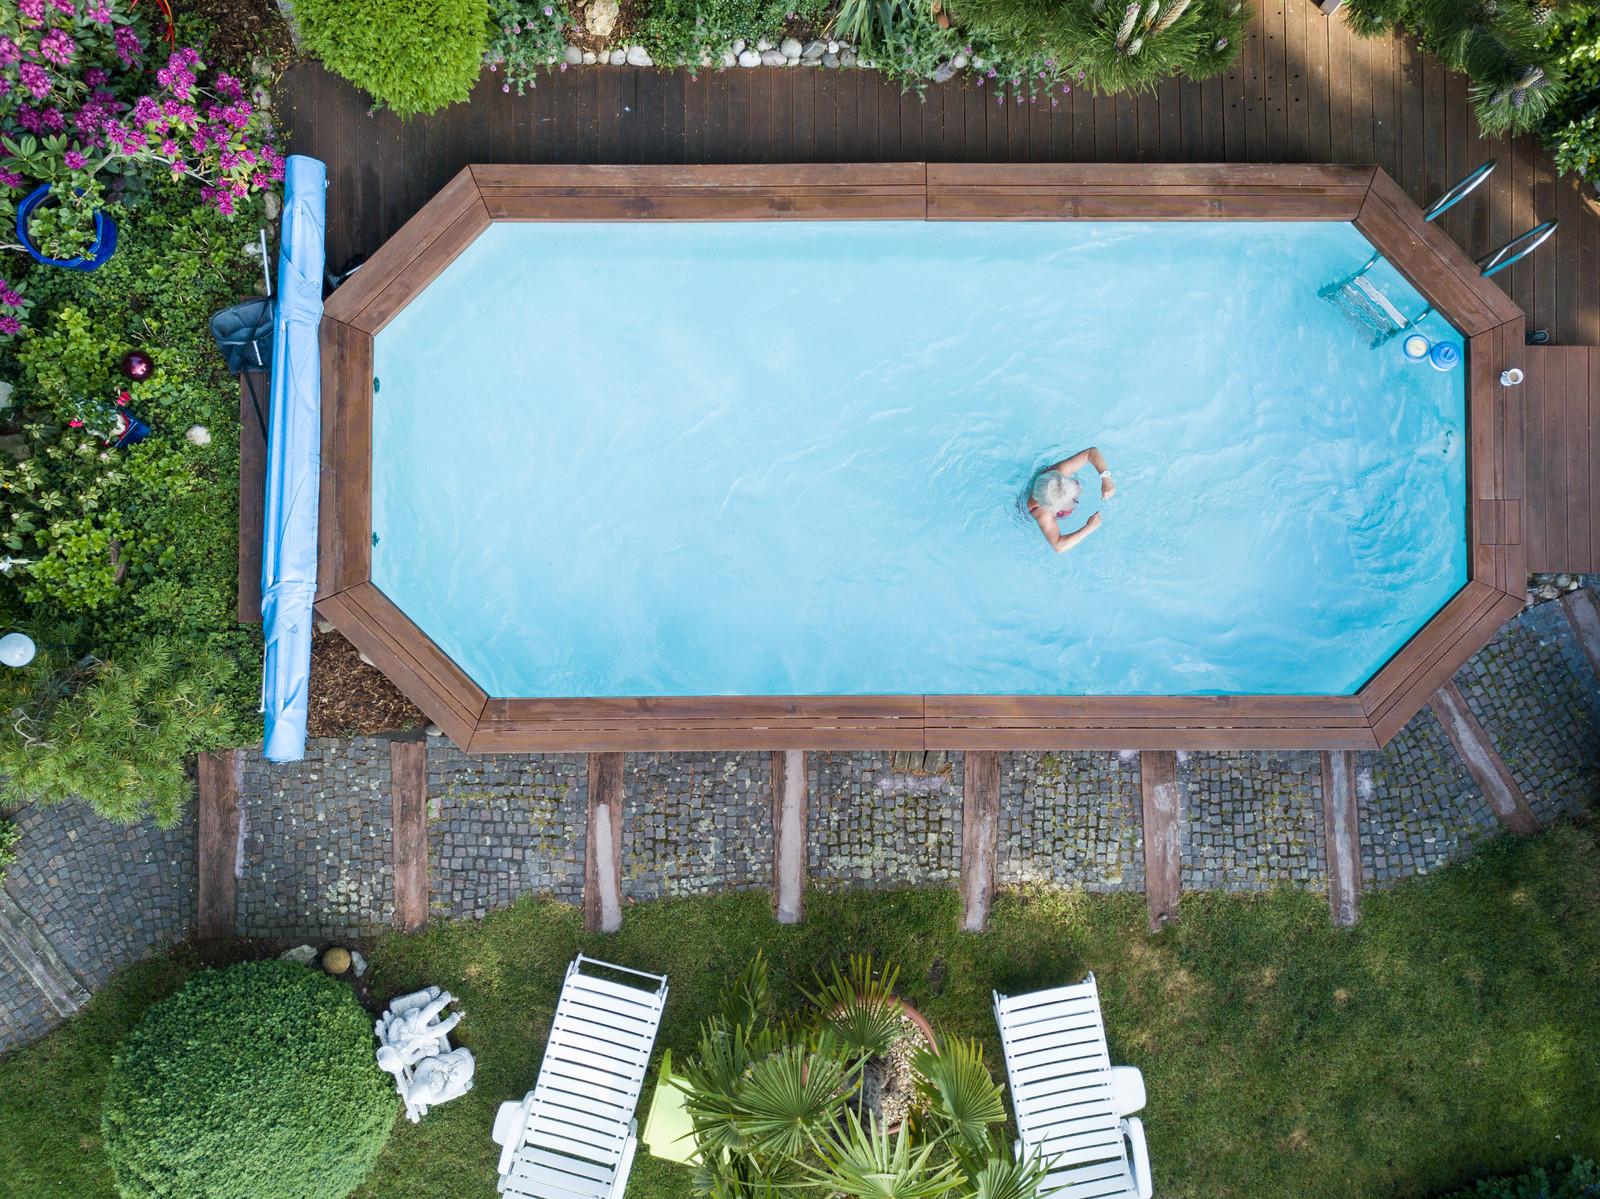 mit einem pool im grunen lasst es sich gleich leichter motiviert ans werk gehen